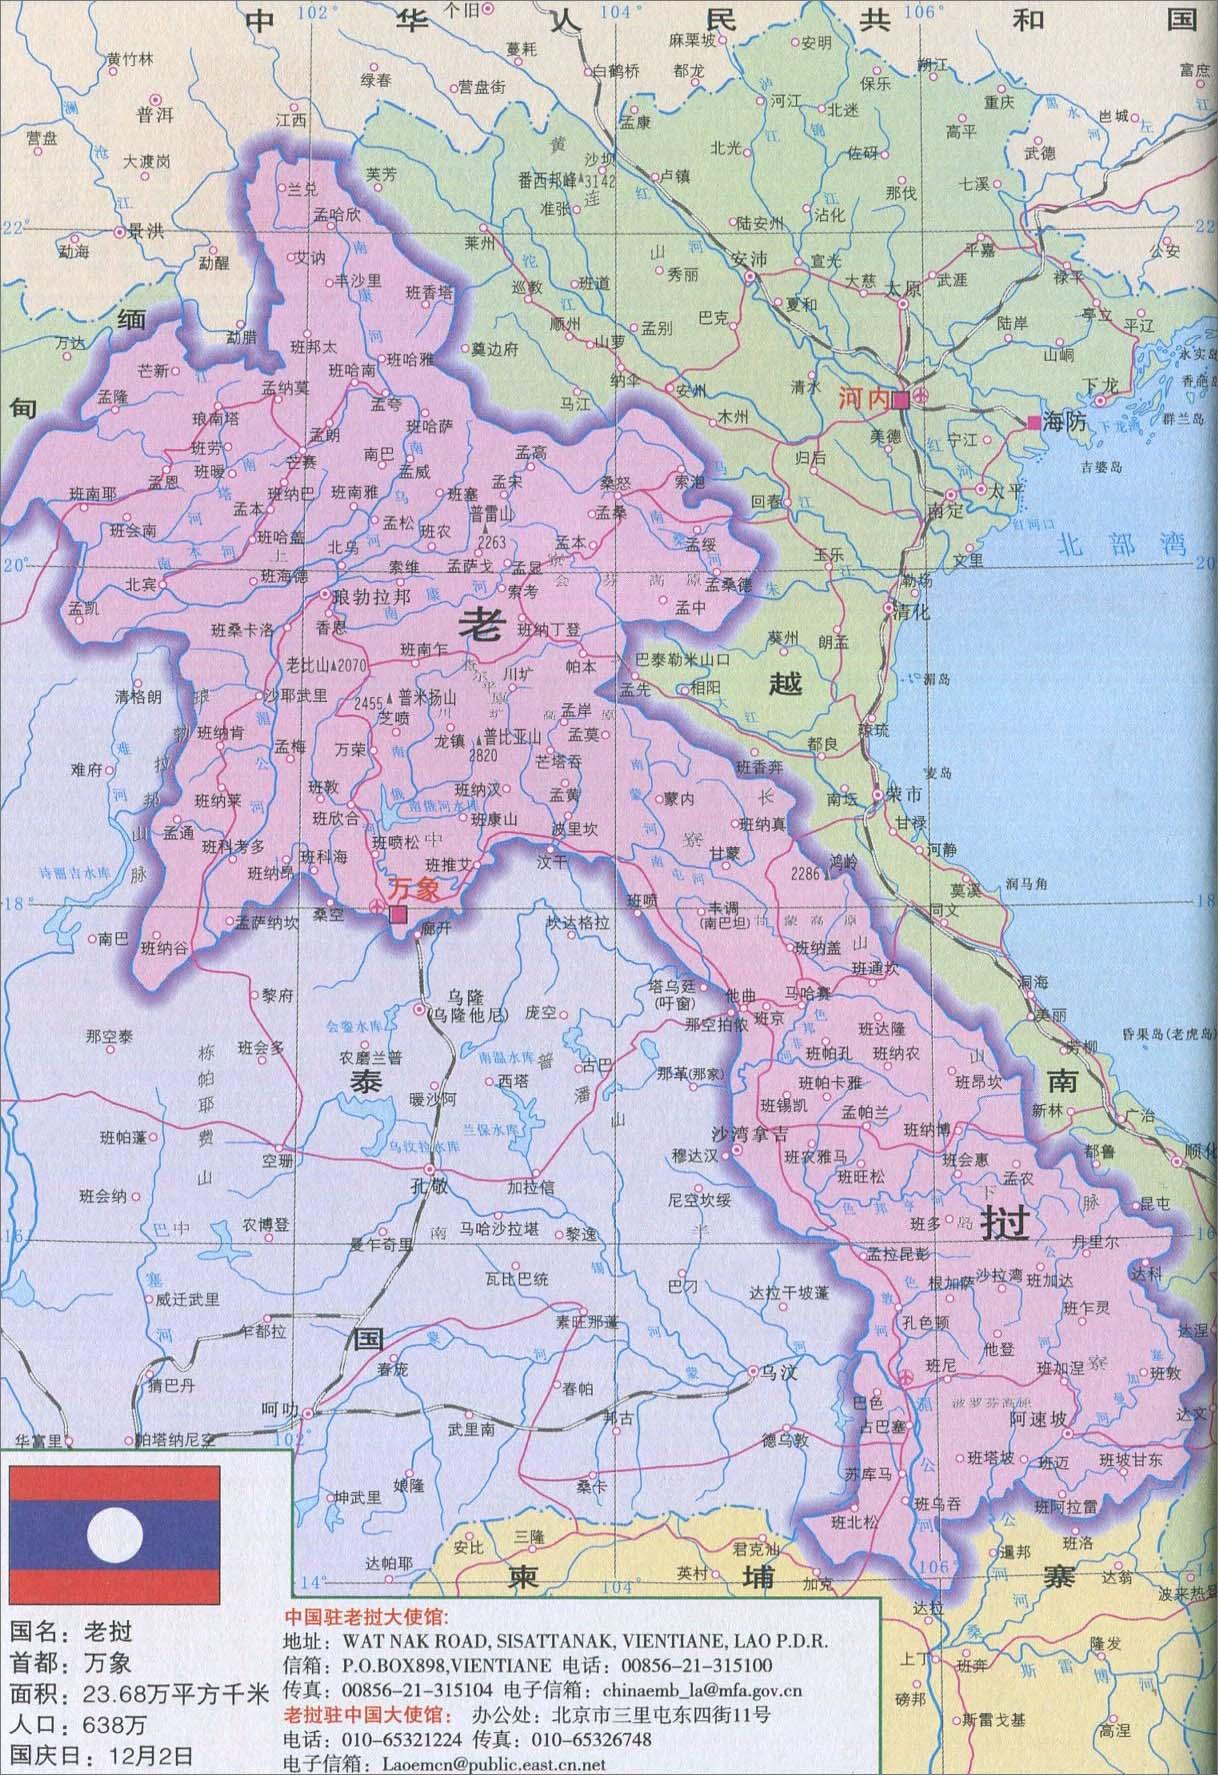 老挝旅游地图_老挝地图库